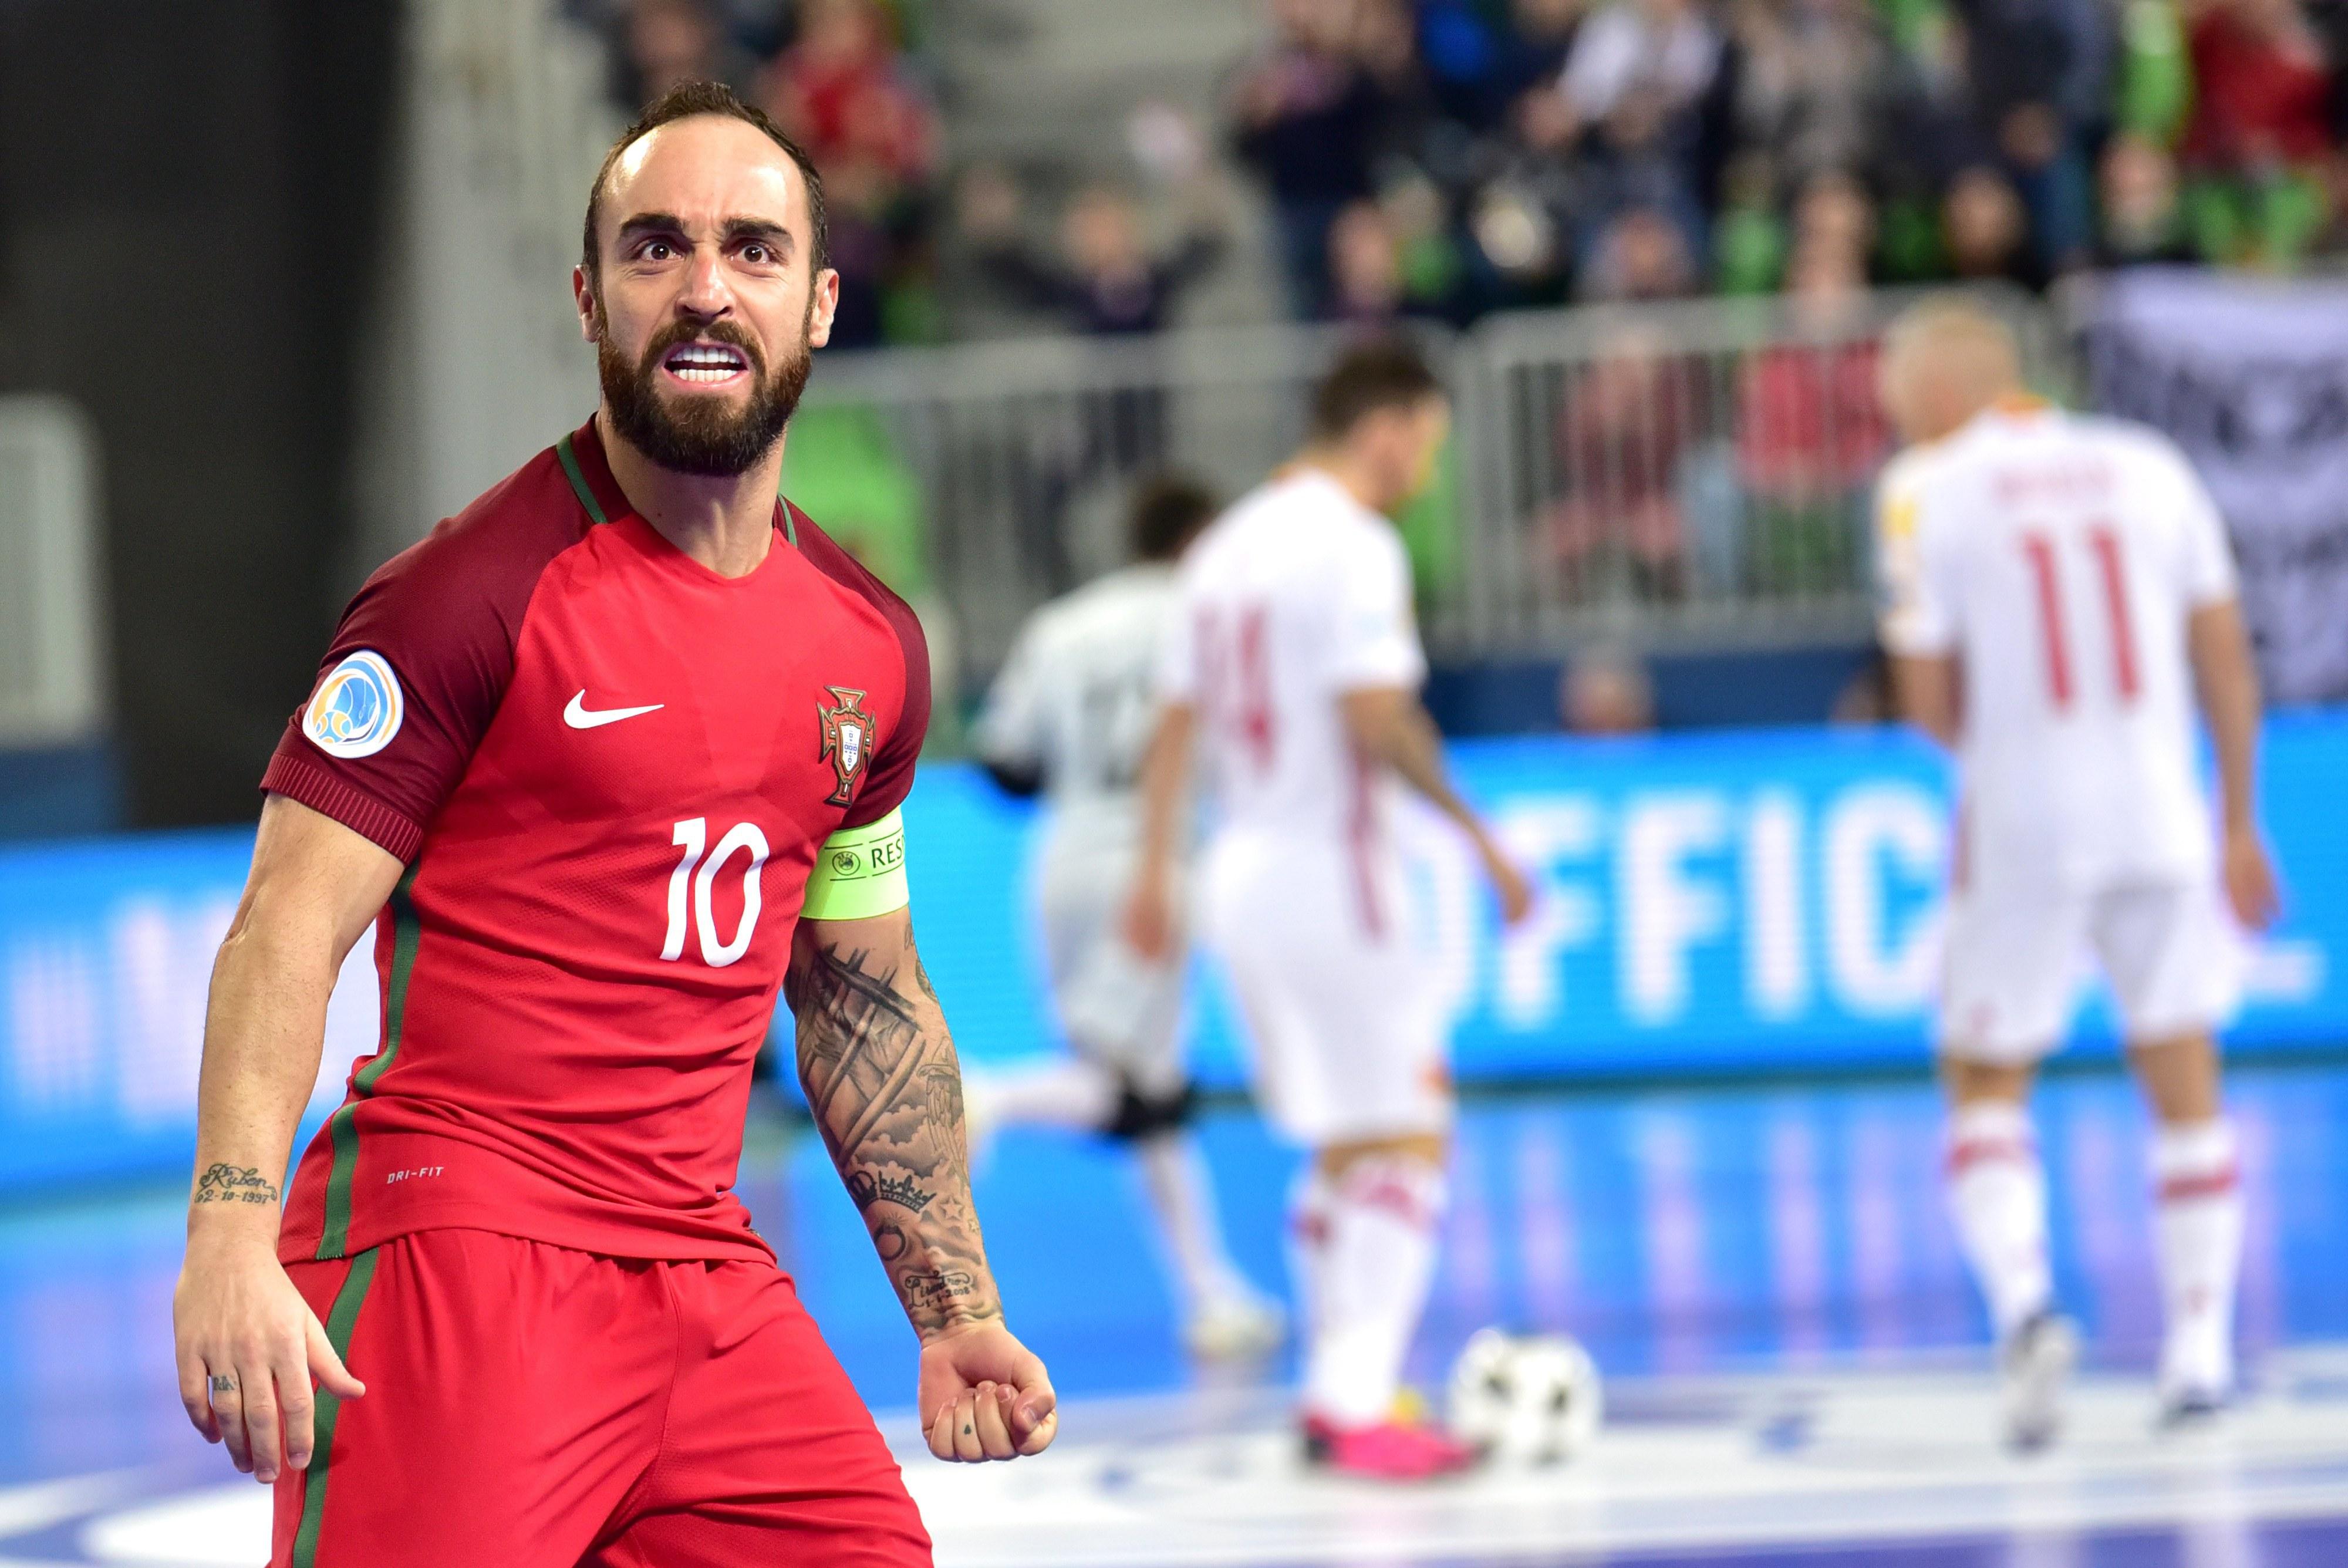 Ricardinho diz que fica no Inter Movistar, após quinto título espanhol de futsal